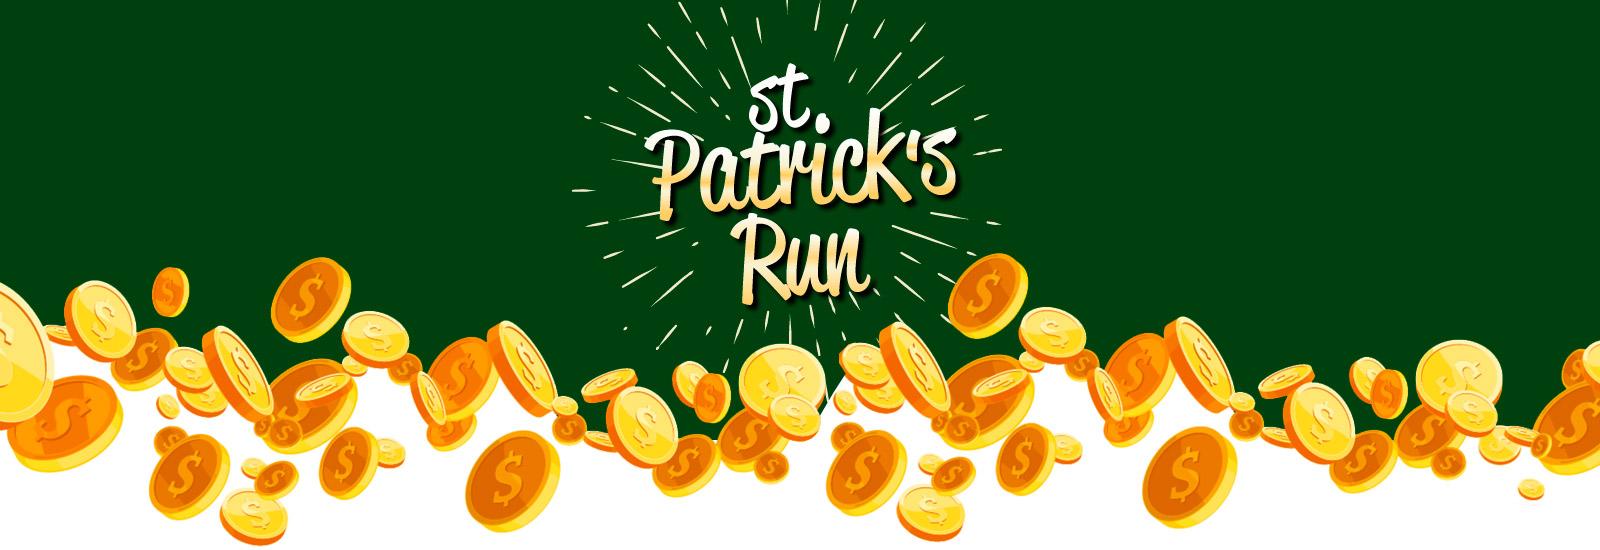 St. Patrick's Run 2019 - BELO HORIZONTE